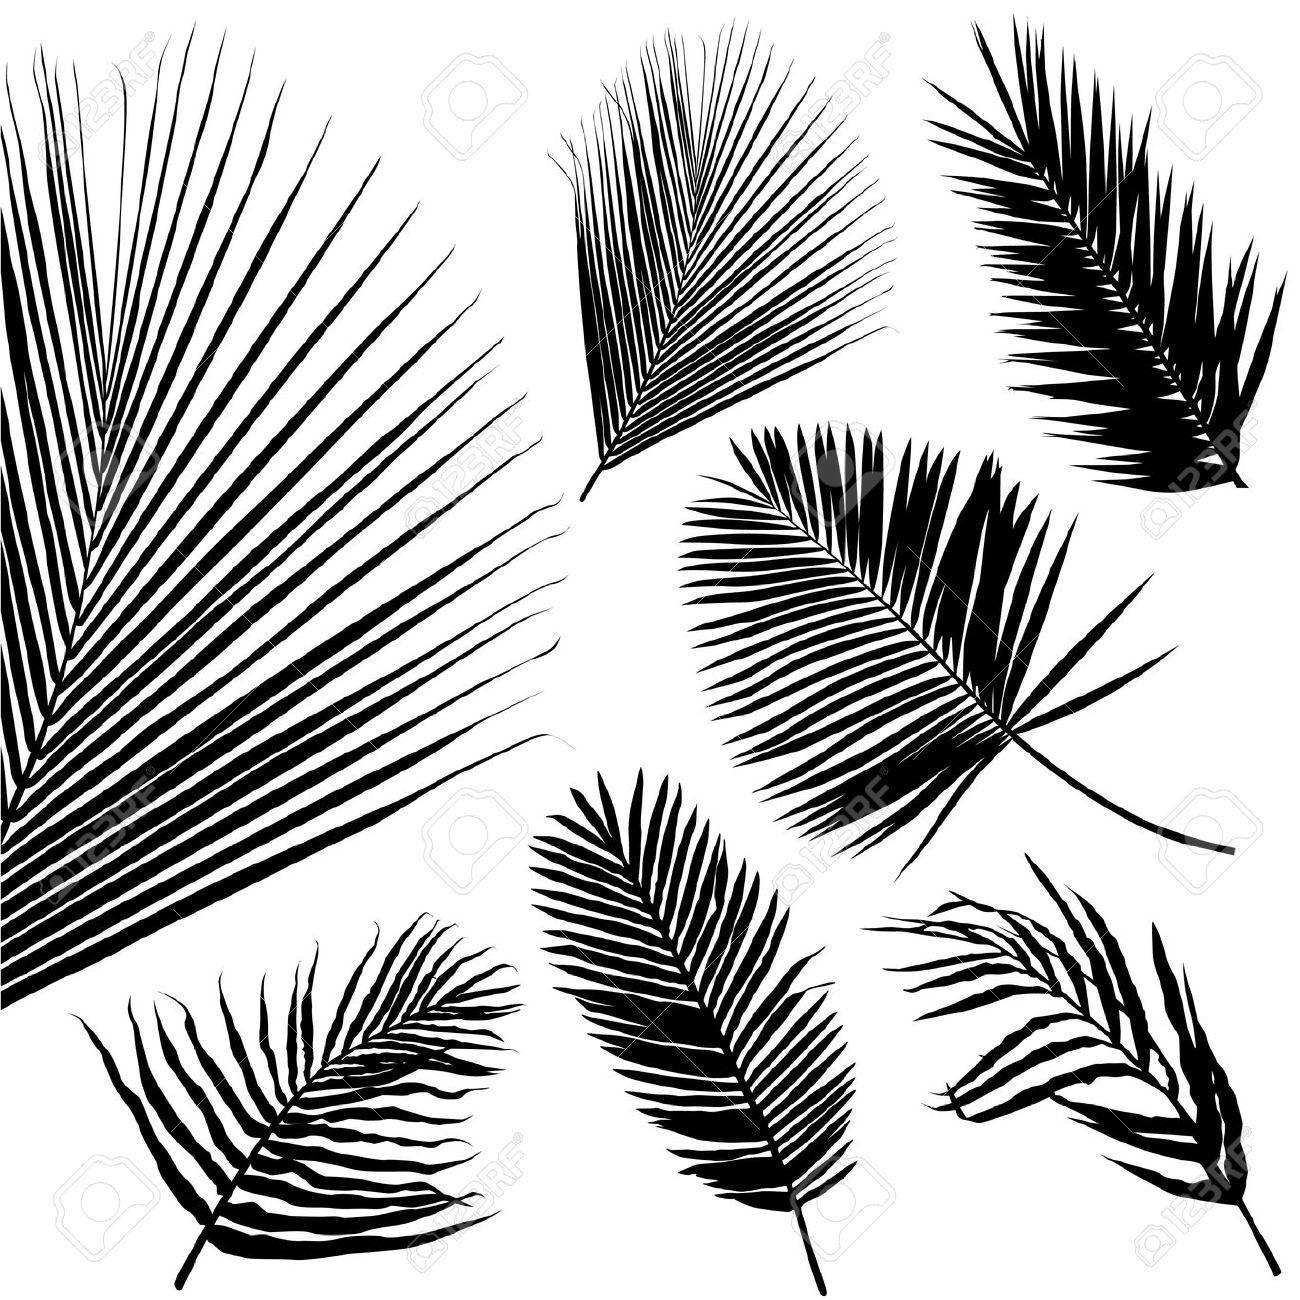 feuille de palmier palm feuille transparente patron illustration. Black Bedroom Furniture Sets. Home Design Ideas